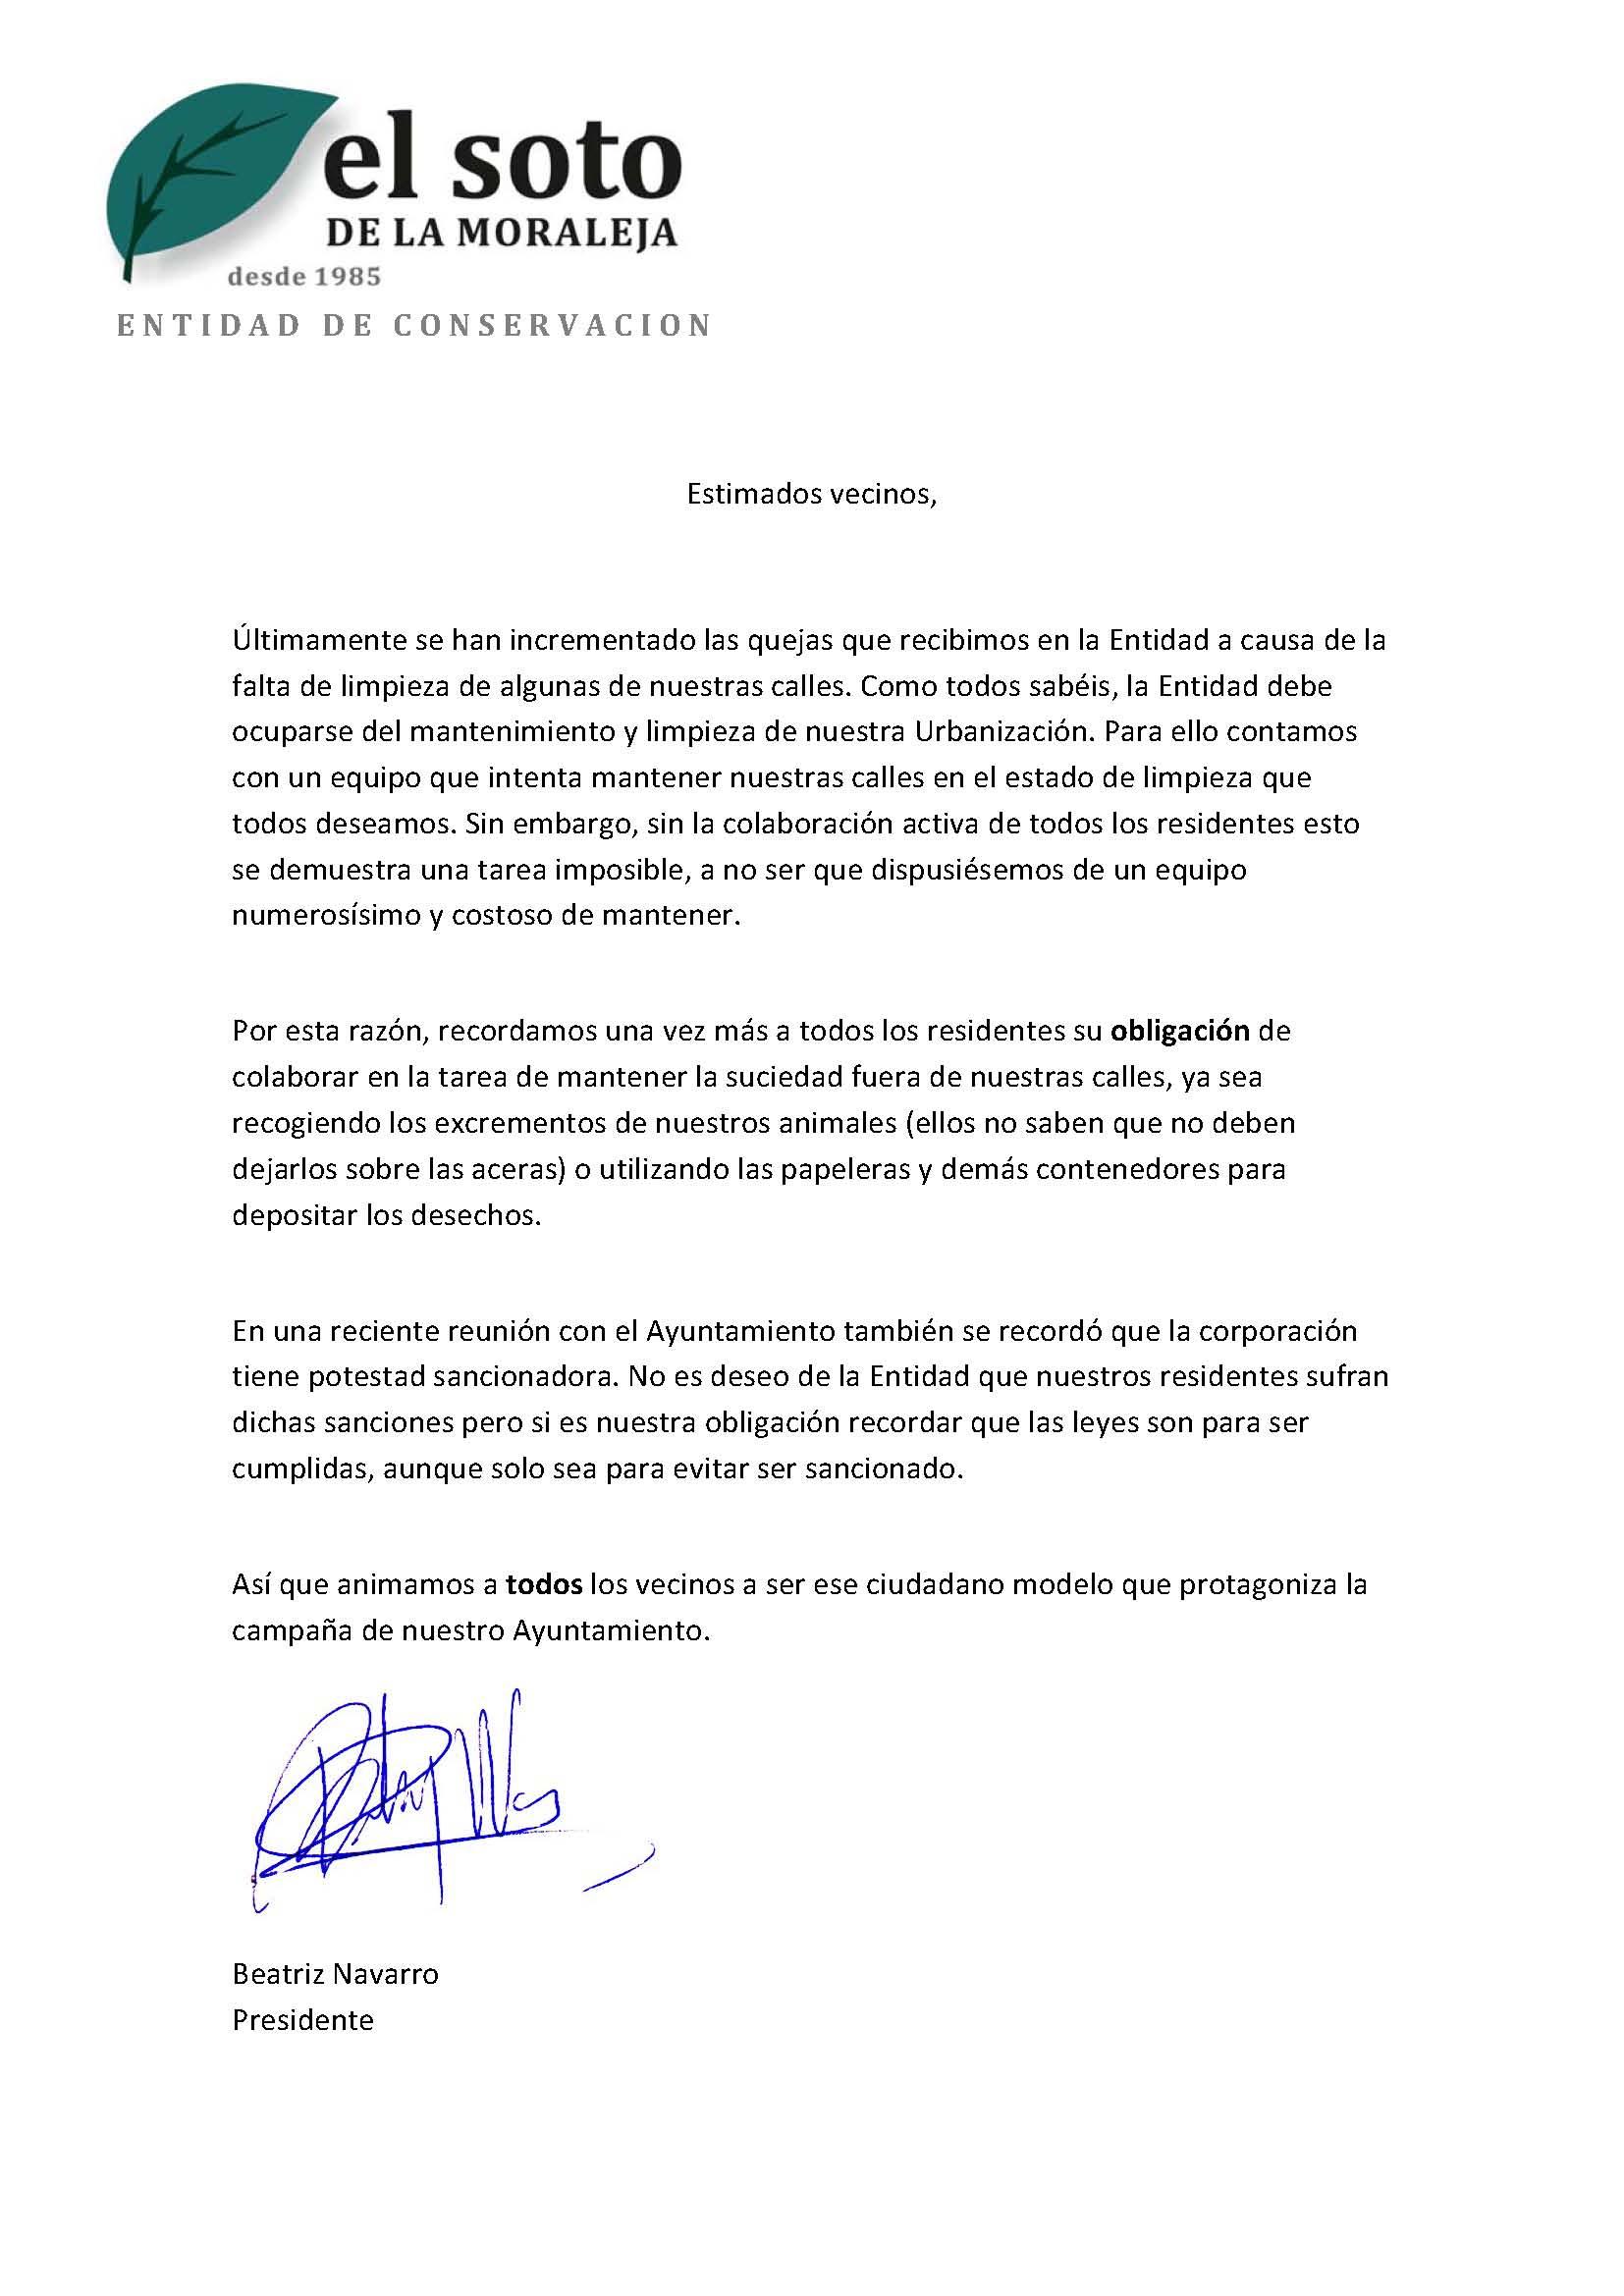 carta de la presidente a los vecinos entidad de